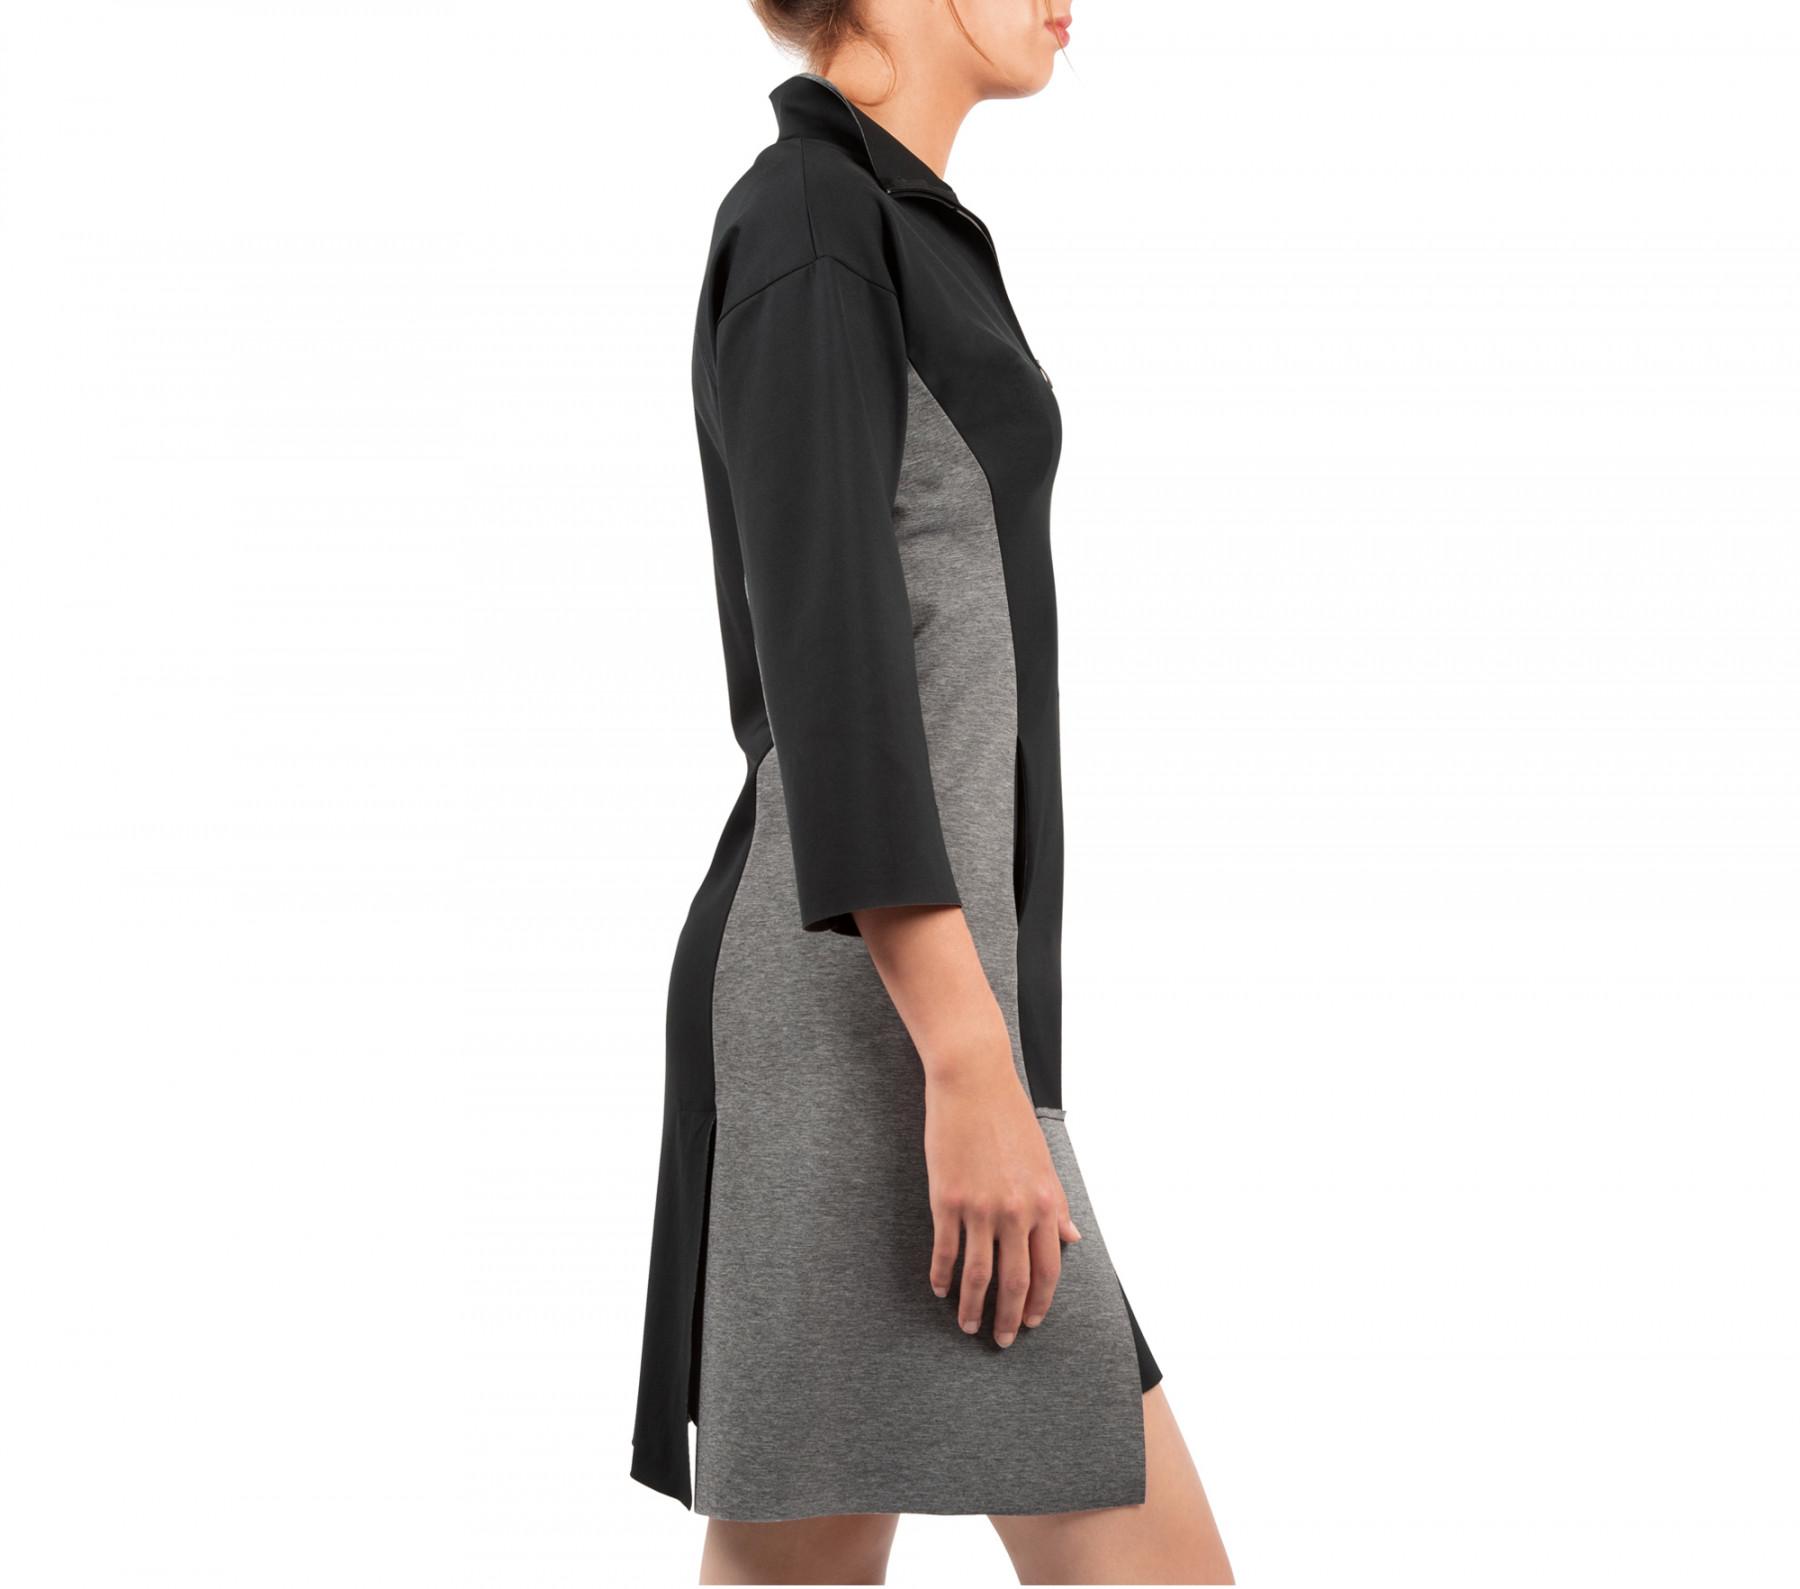 Robe structurée en maille stretch bi face